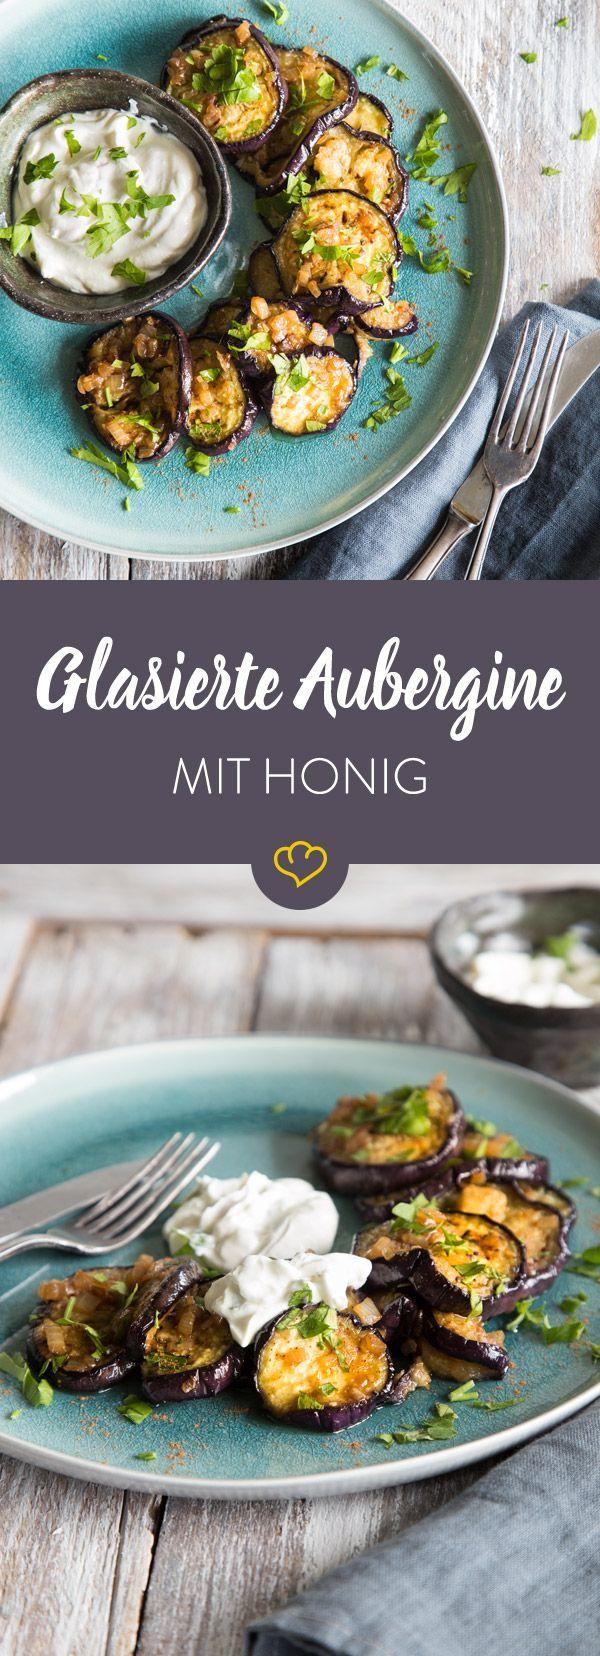 Glasierte Honig-Aubergine mit Joghurt-Dip #aubergine #glasierte #honig #joghurt #healthyrecipes